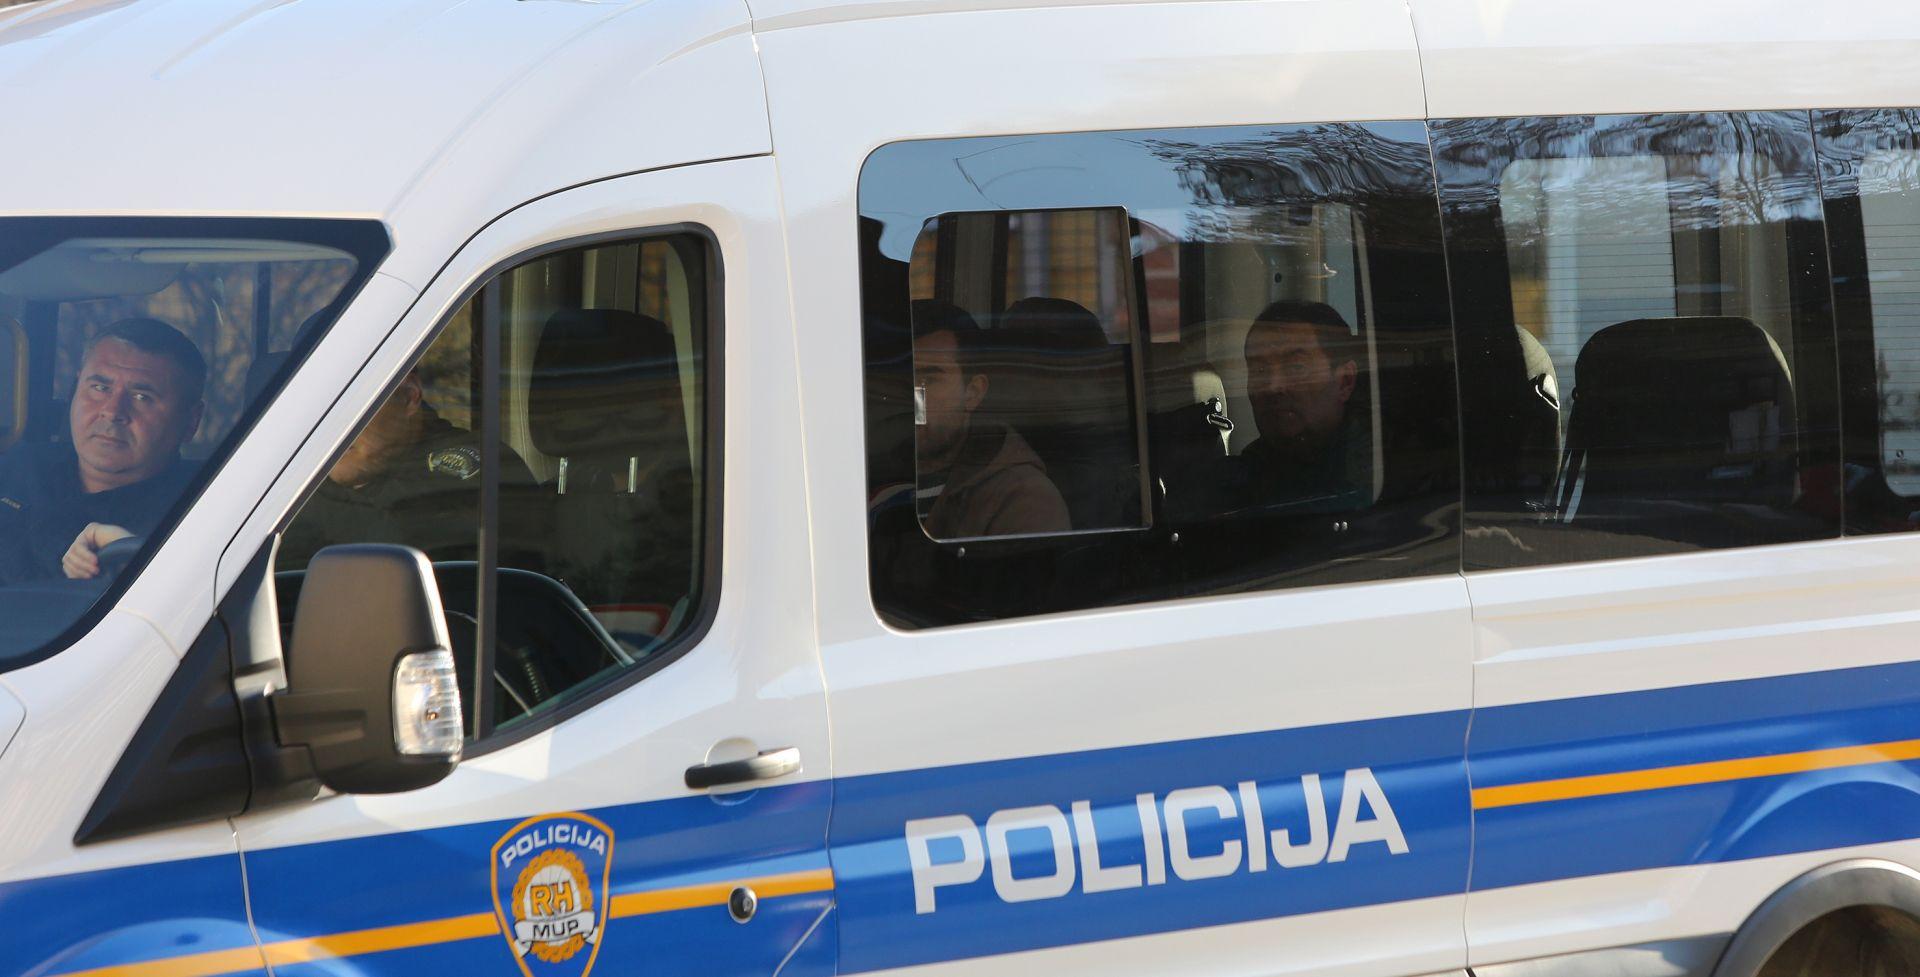 Zbog lažiranja ozljeda u prometnim nesrećama, Uskok pokrenuo istragu protiv 58 osoba – za četiri predložen istražni zatvor